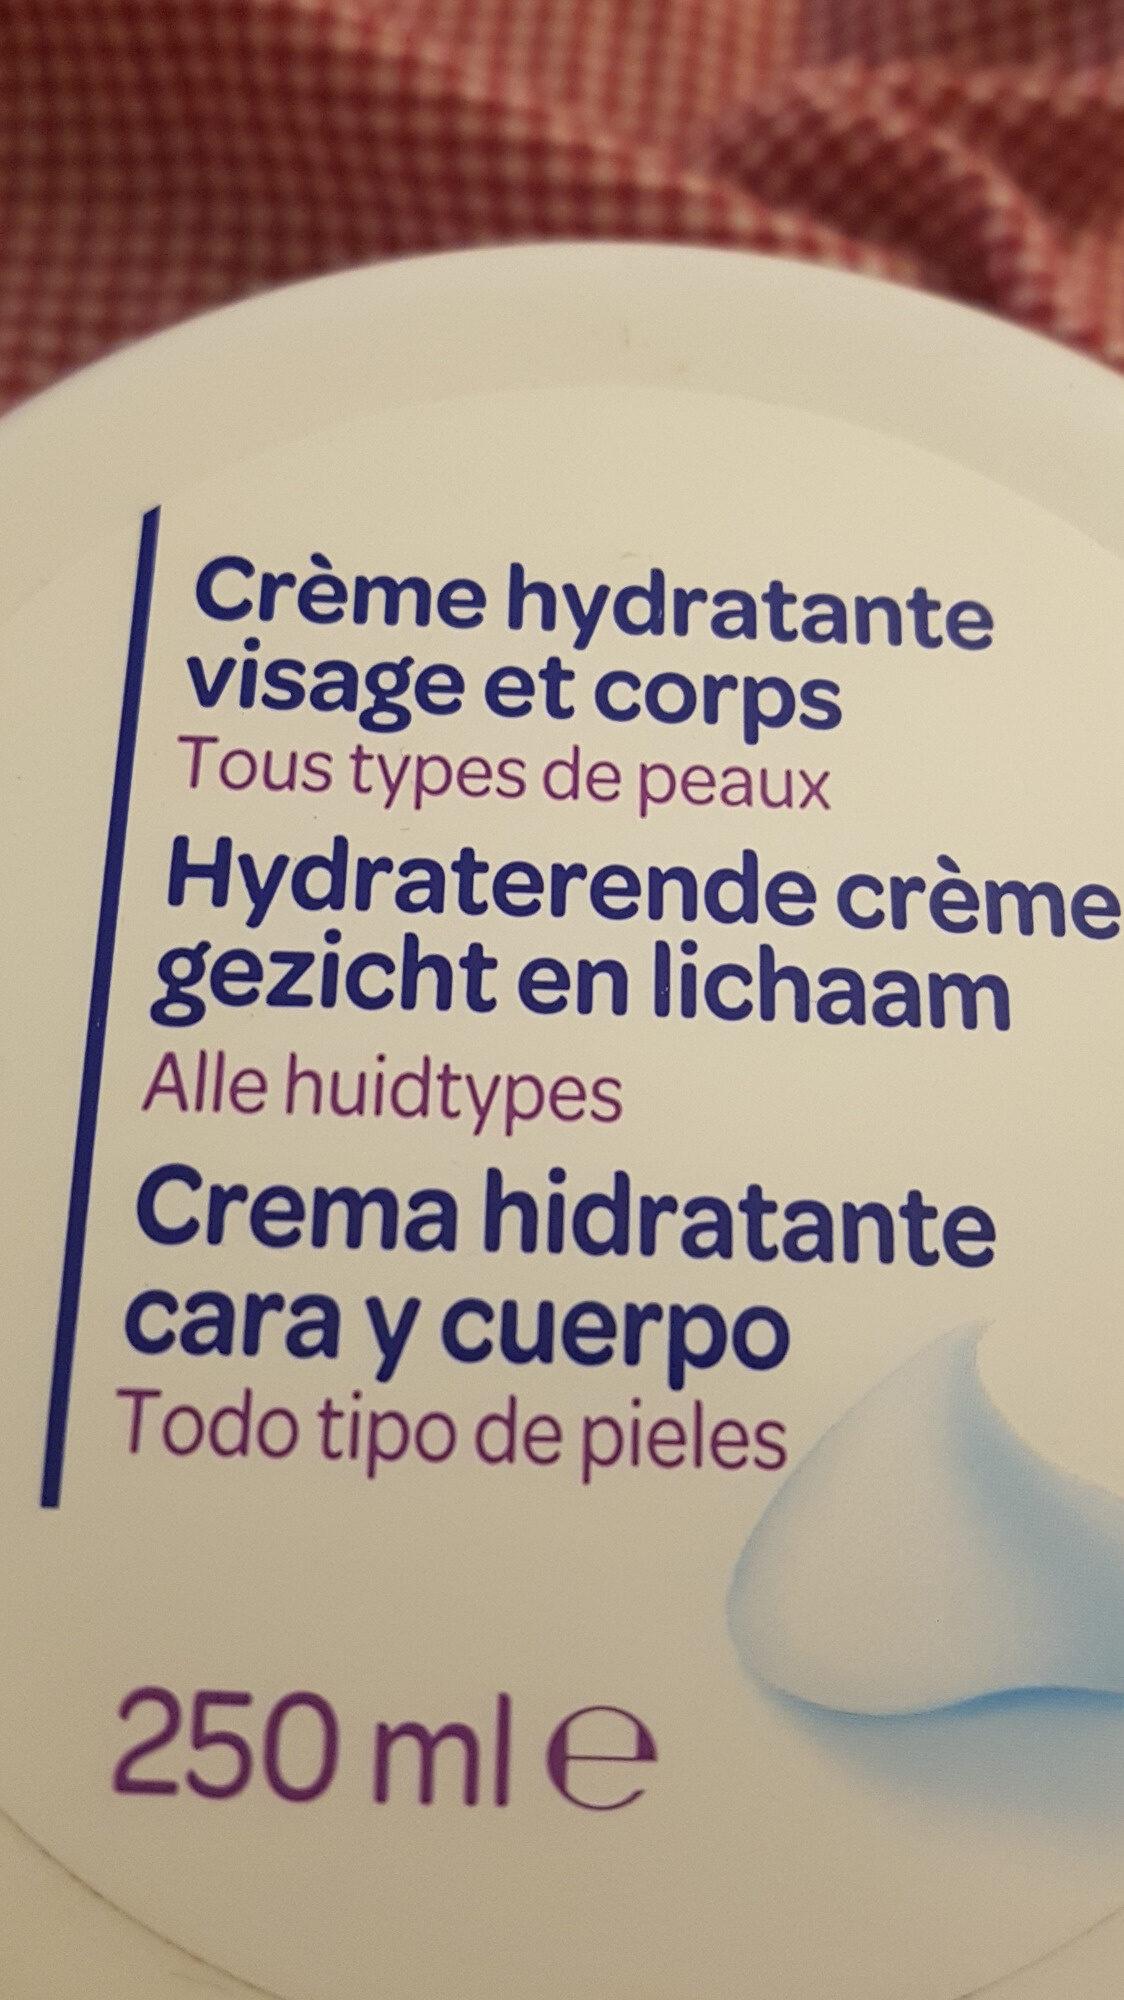 Crème hydradante visage et corps - Product - fr